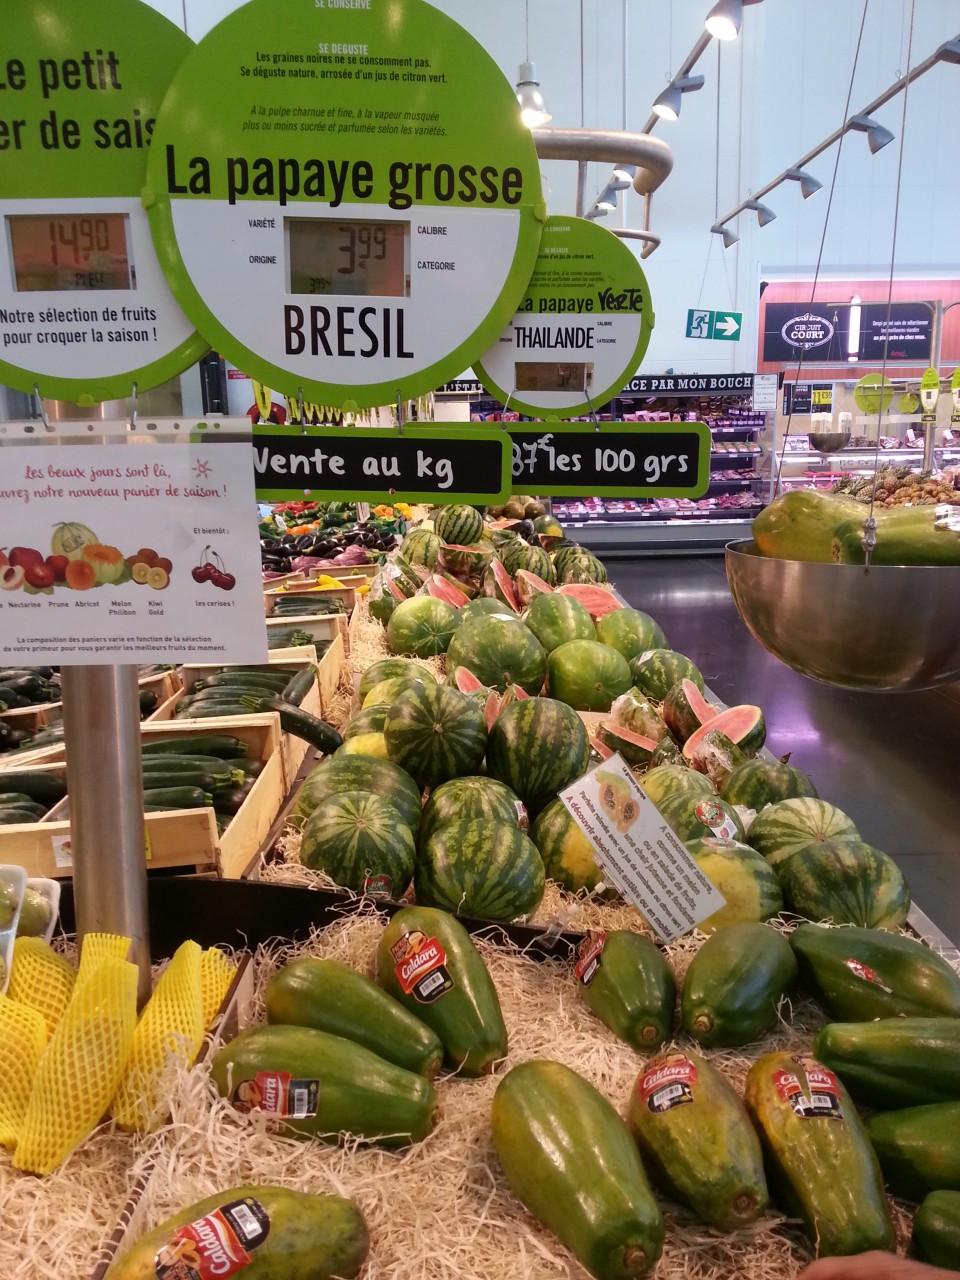 Preço de produtos brasileiros na França.